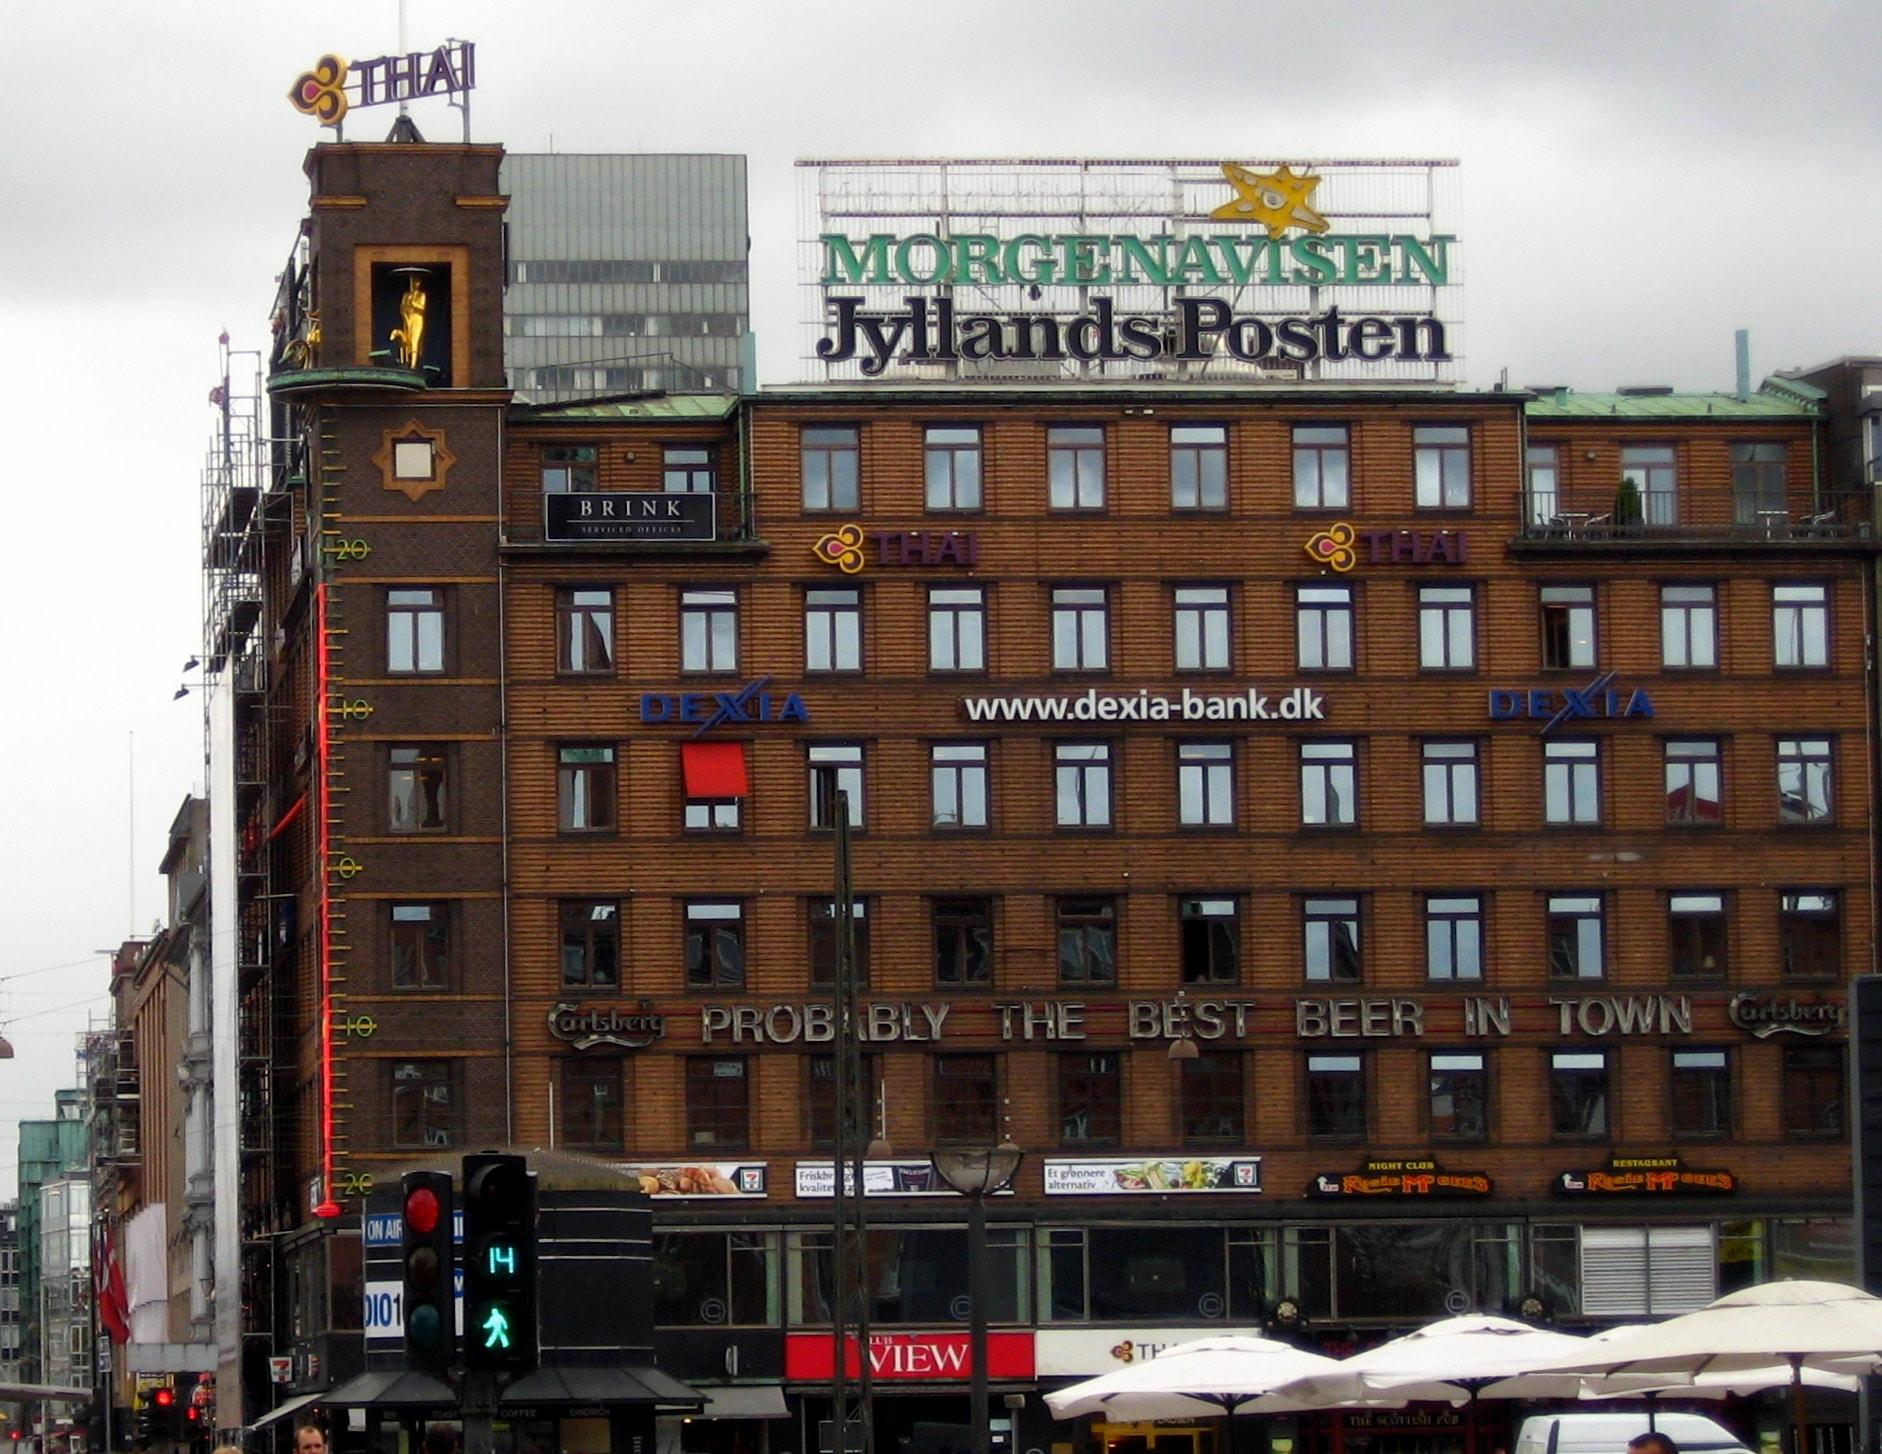 Lysreklame for den danske avis Jyllands-Posten på en bygning på Rådhuspladsen i København. Foto taget 12 August 2009 afuser:tsca. Public Domain.